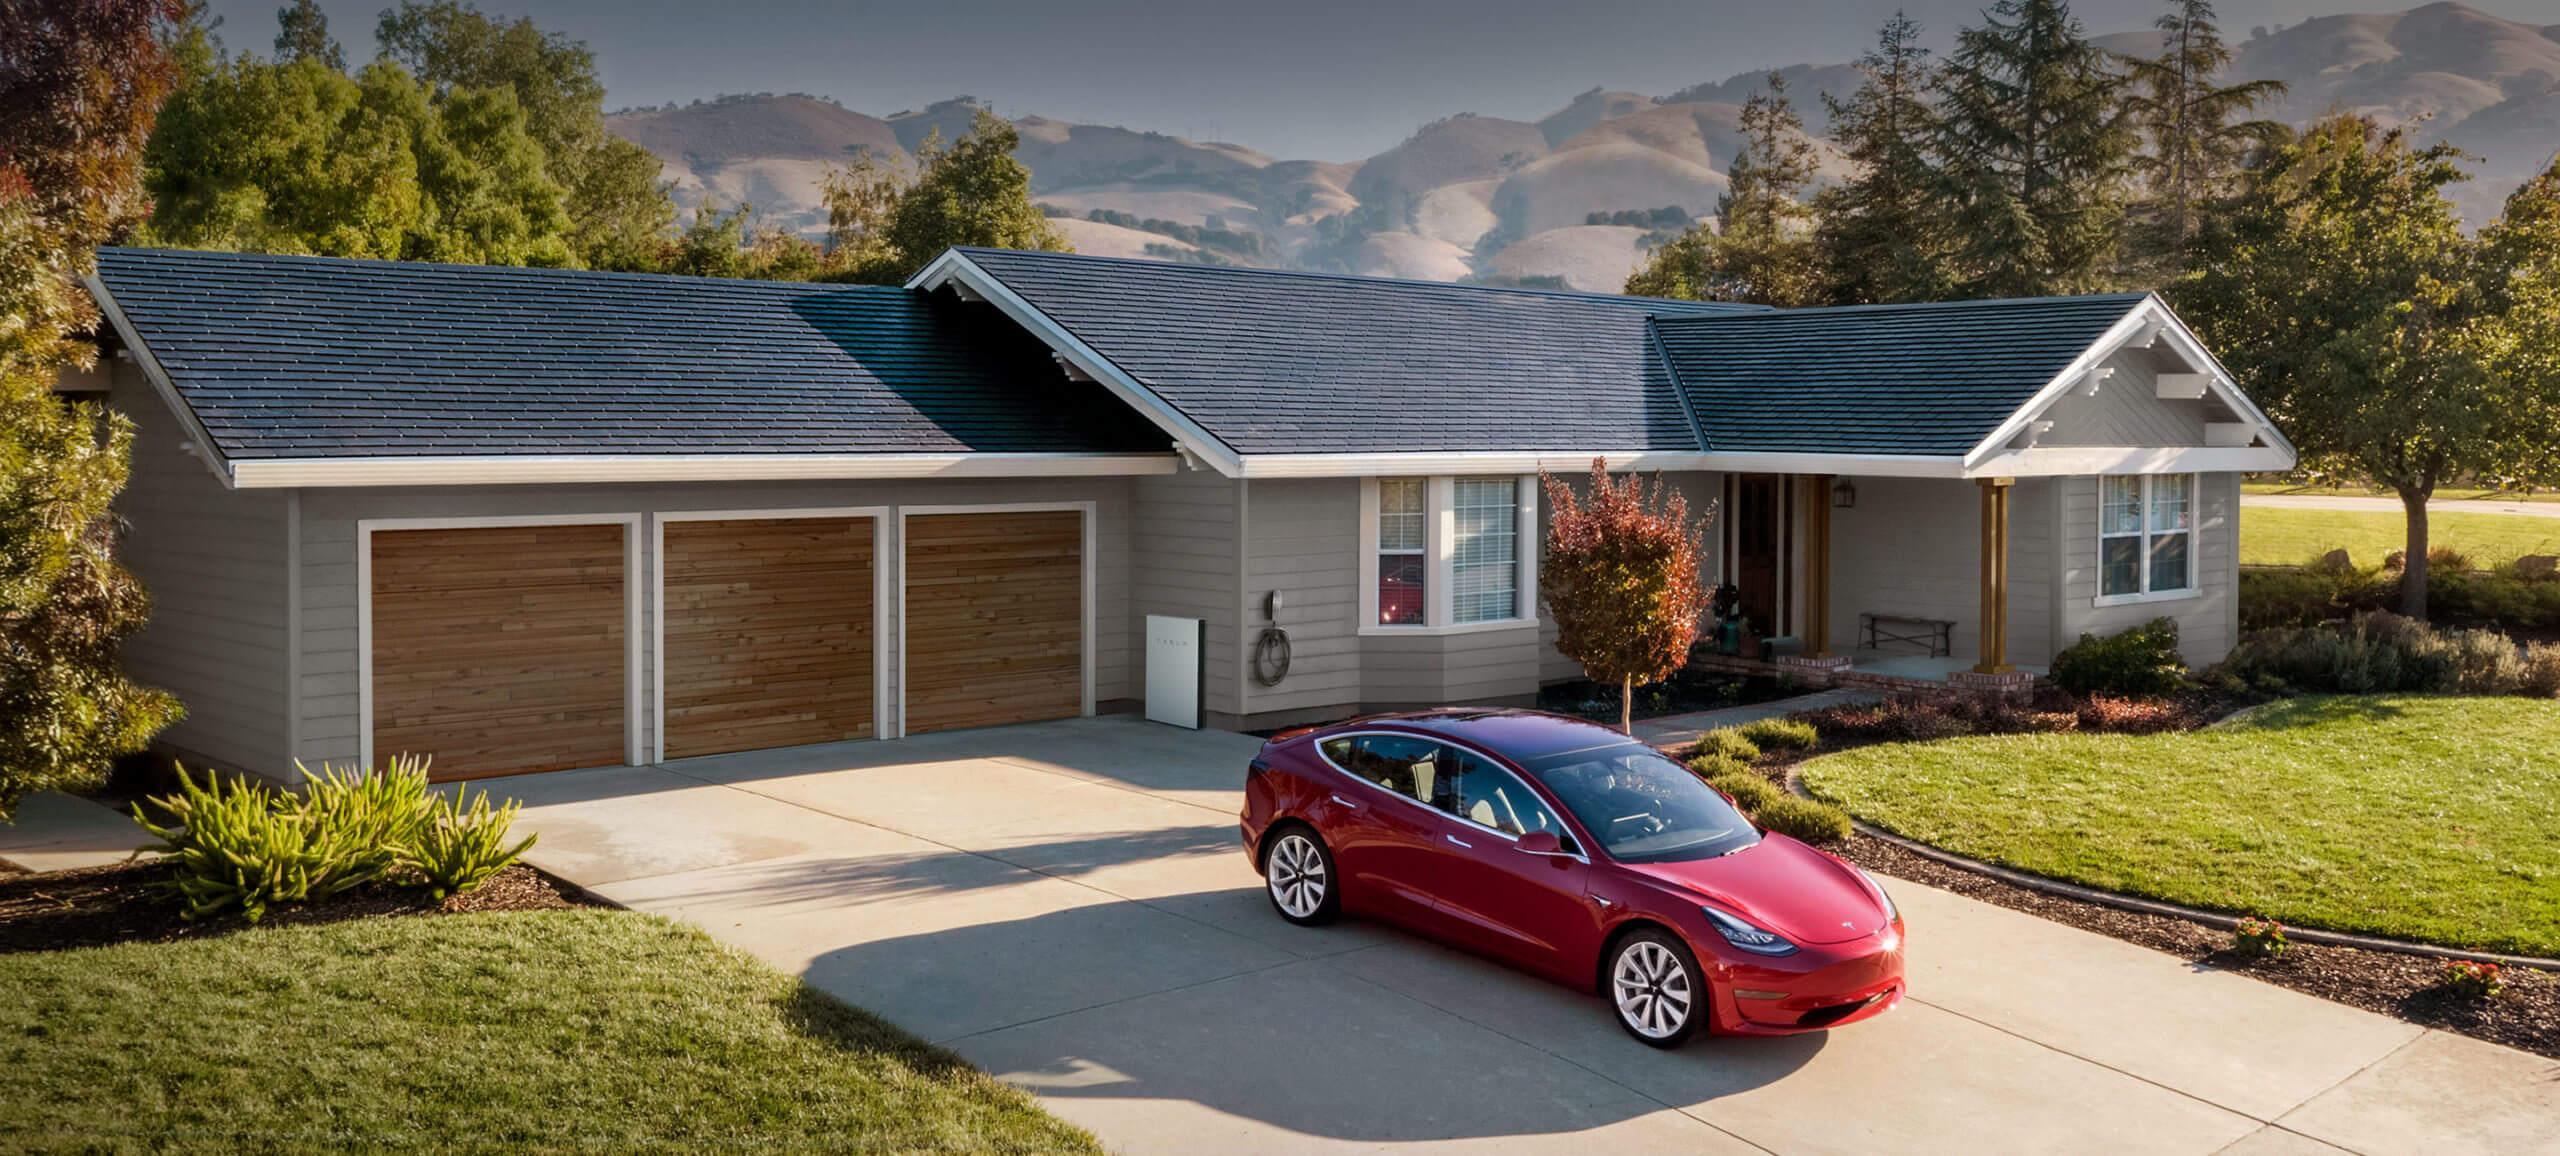 Tesla удивляет покупателей повышенными ценами на солнечную крышу - Tesla Motors Club